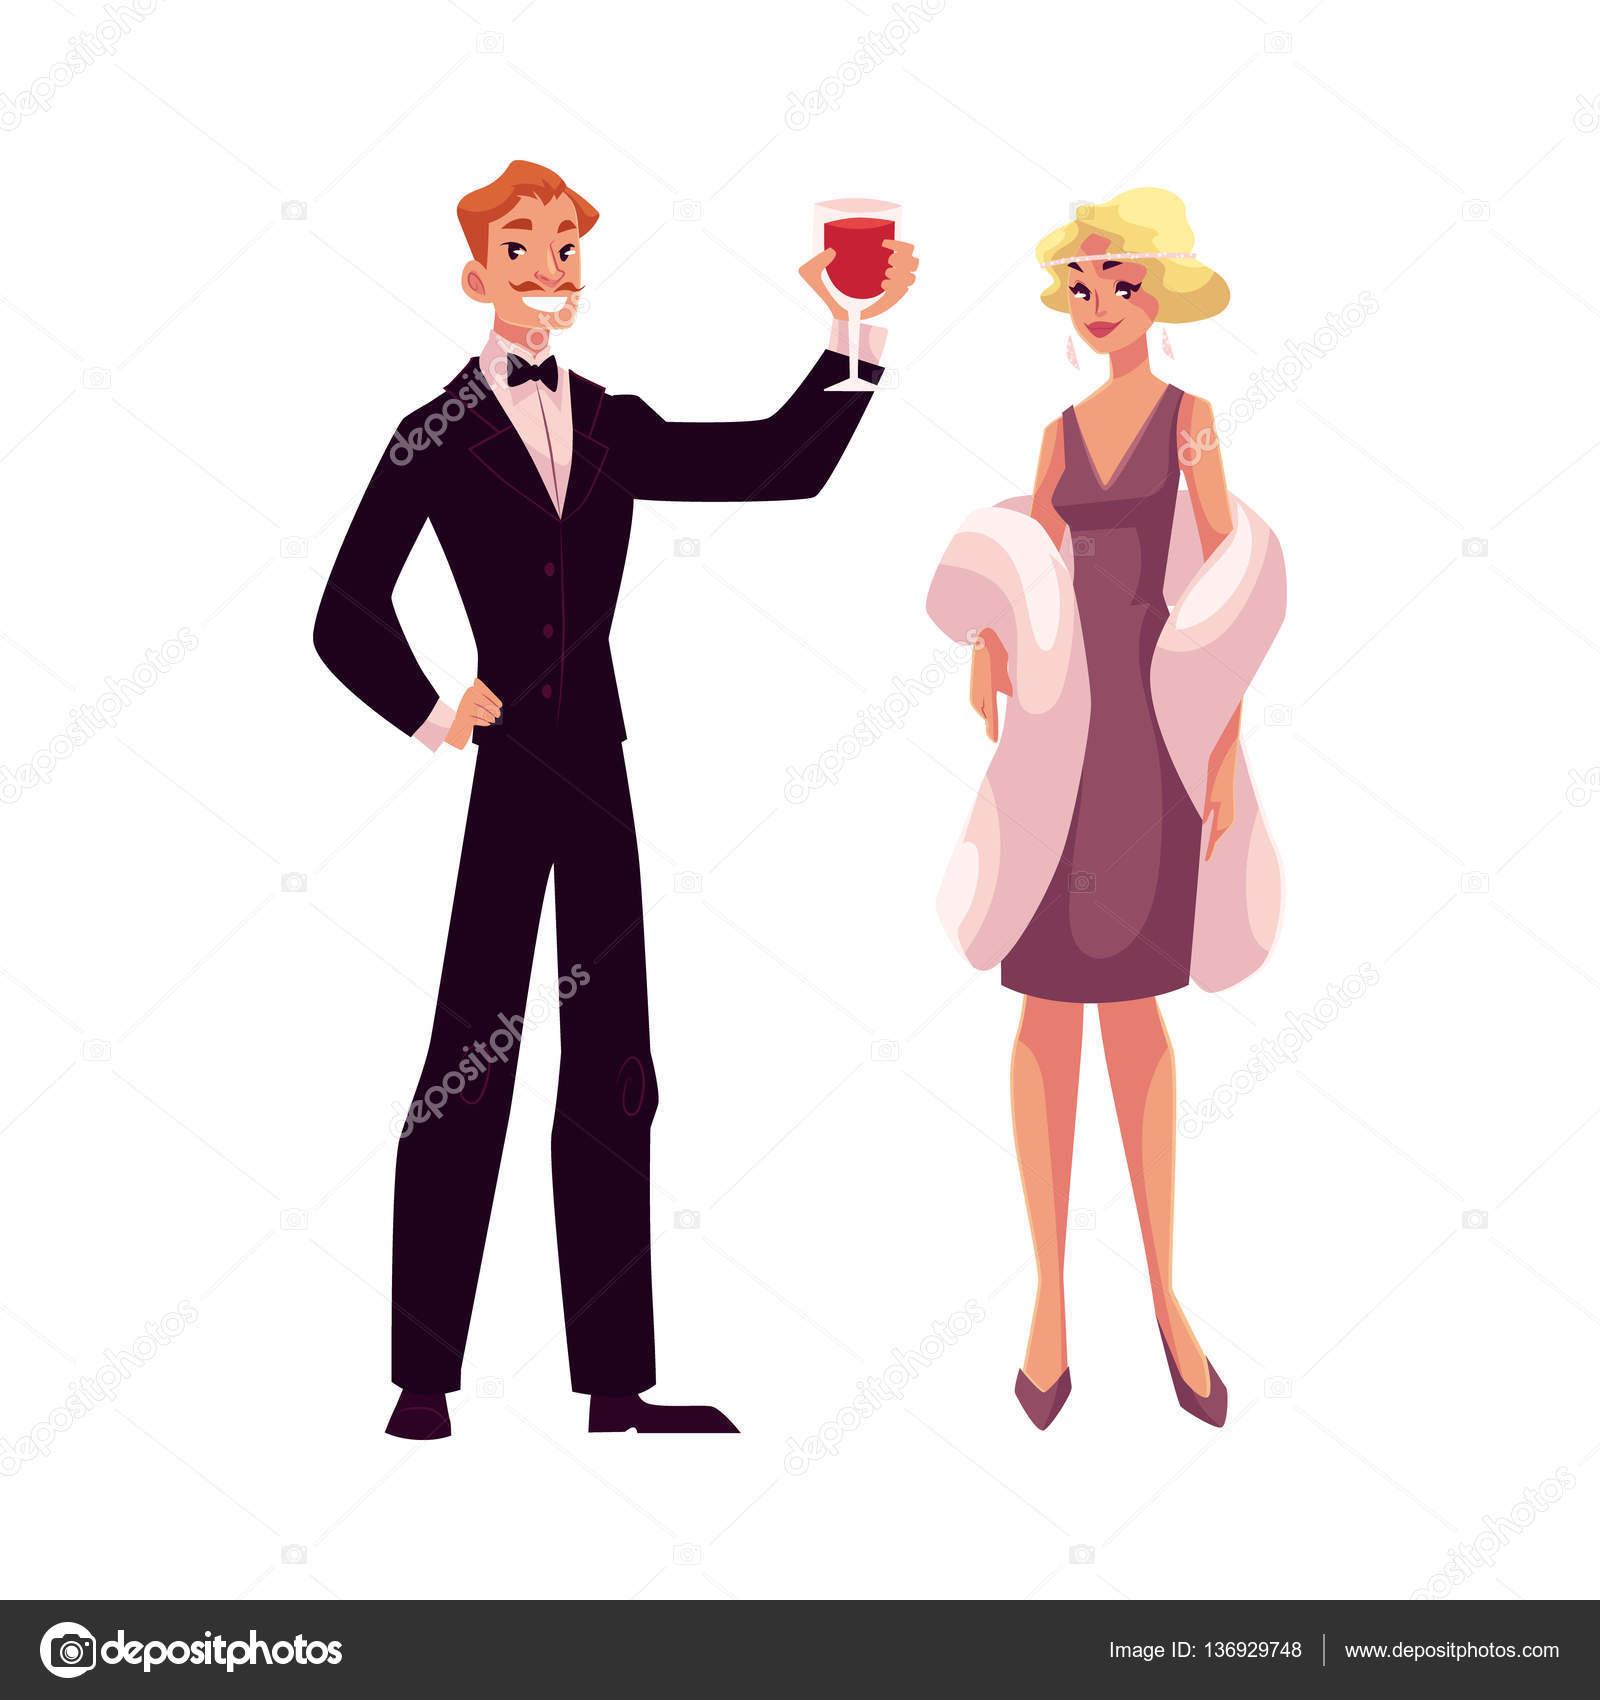 Mann und Frau der 1920er Jahre Stil Kleidung auf Vintage party ...